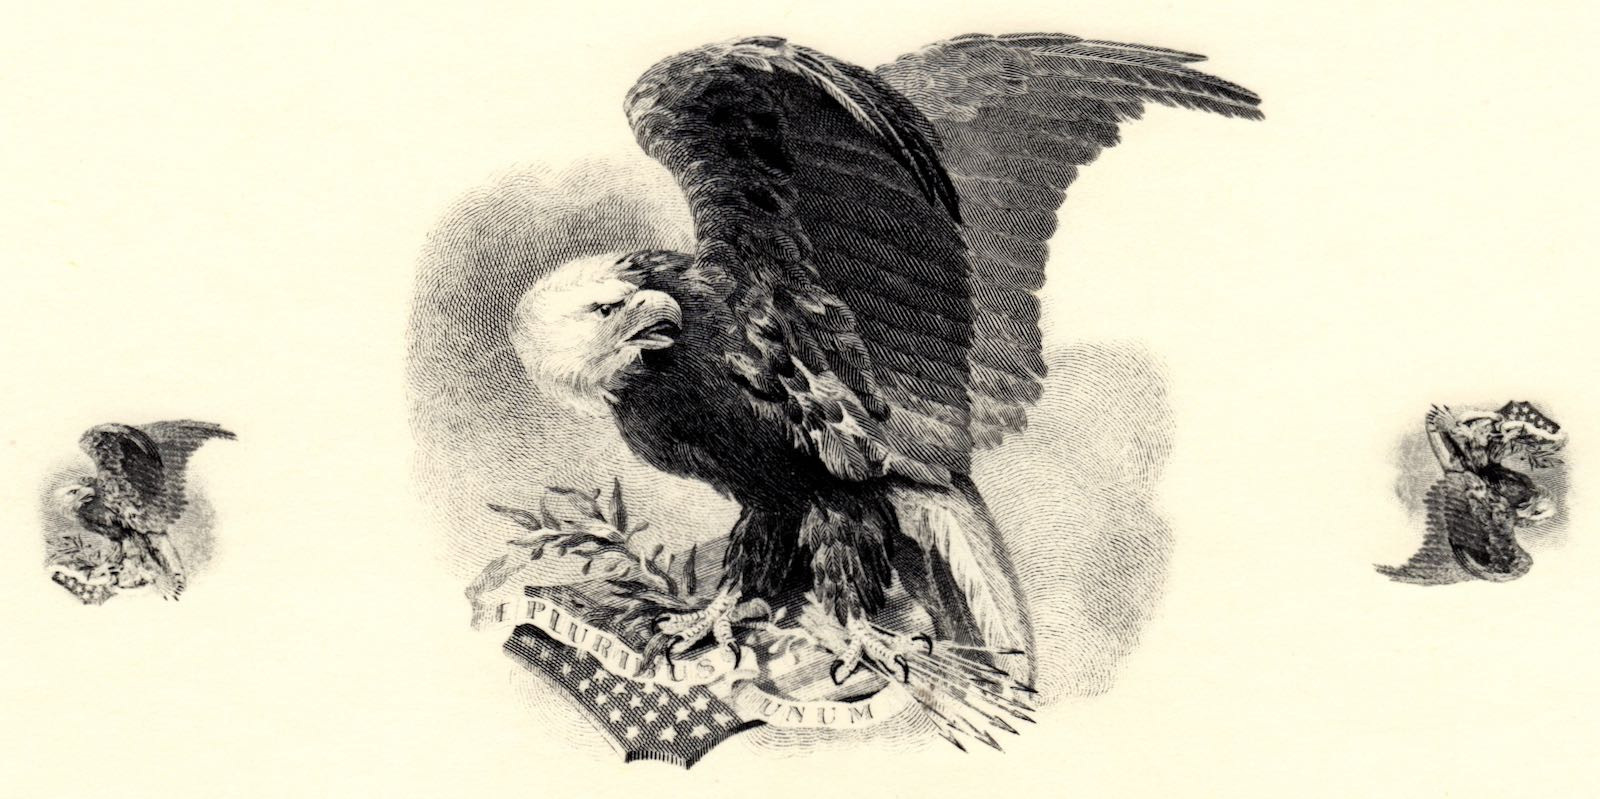 B2_Eagle_MINE_02 (1).jpg